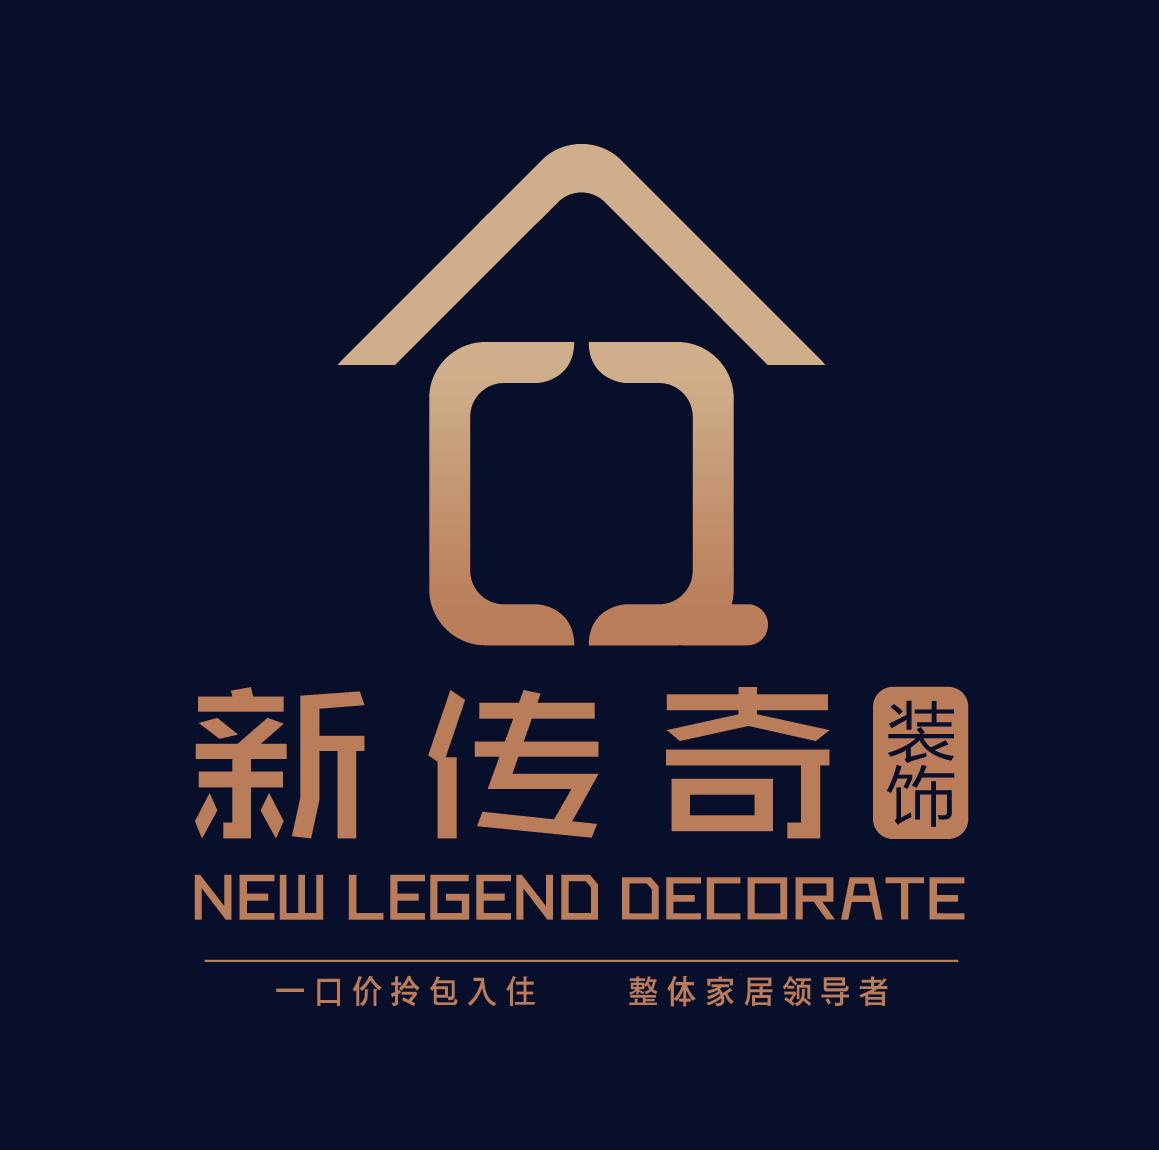 南昌新传奇装饰工程有限公司 - 南昌装修公司